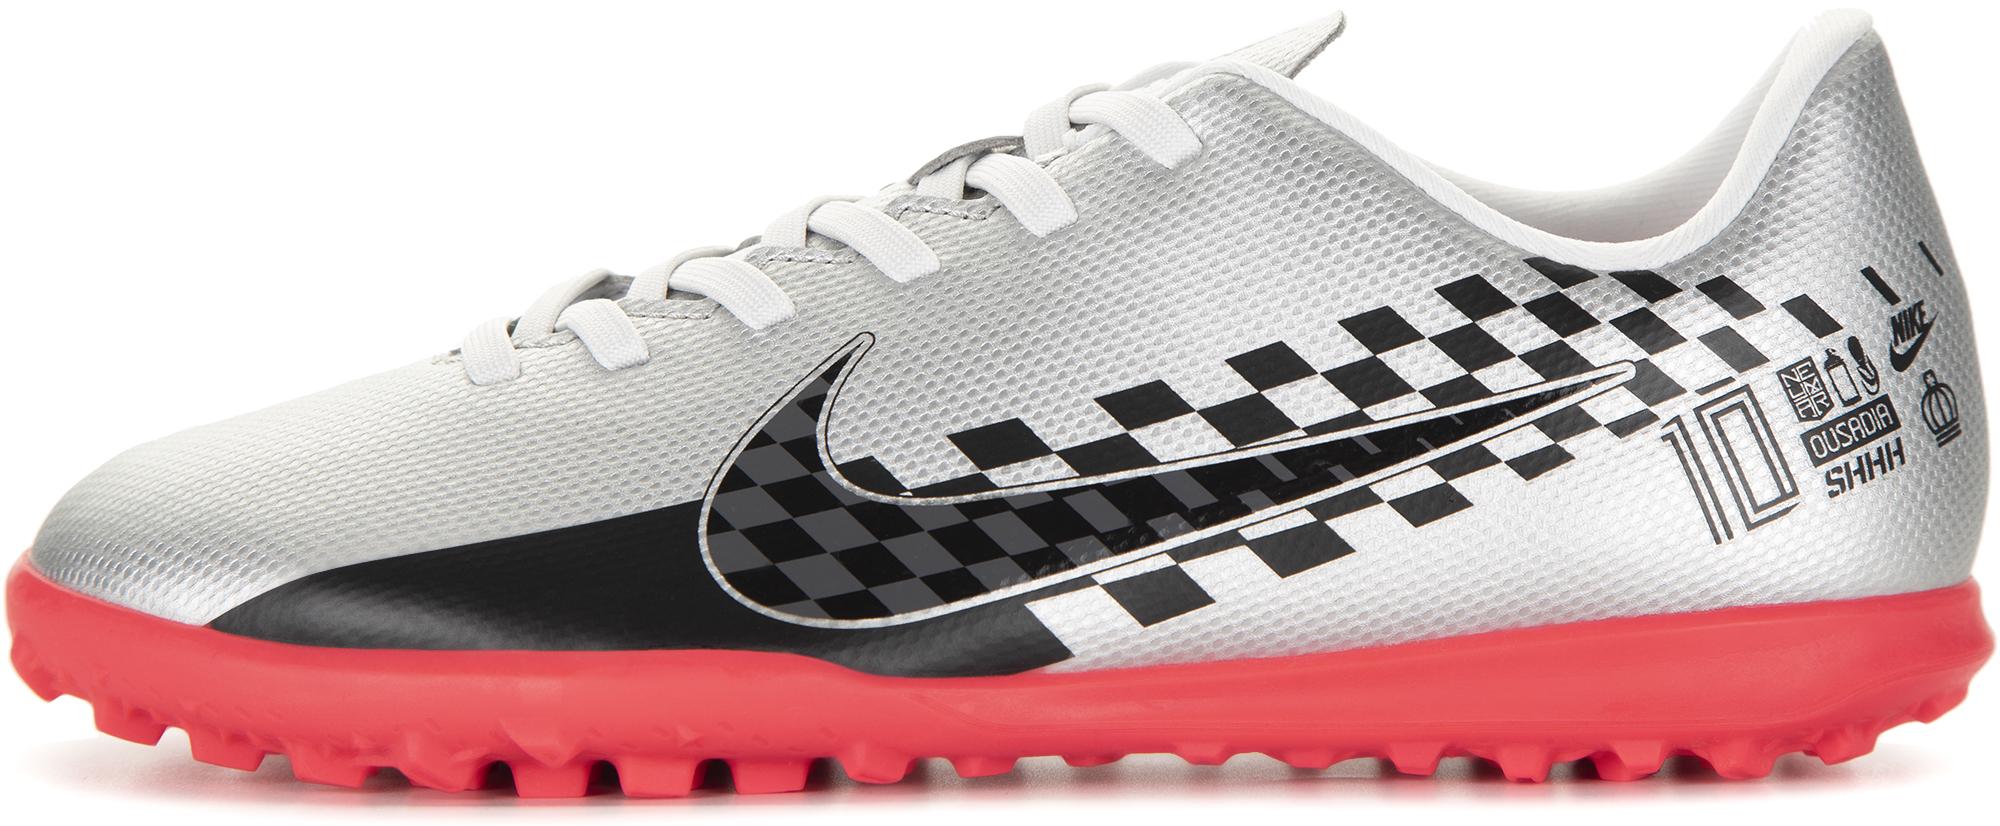 Nike Бутсы детские Jr Vapor 13 Club Njr TF, размер 37,5